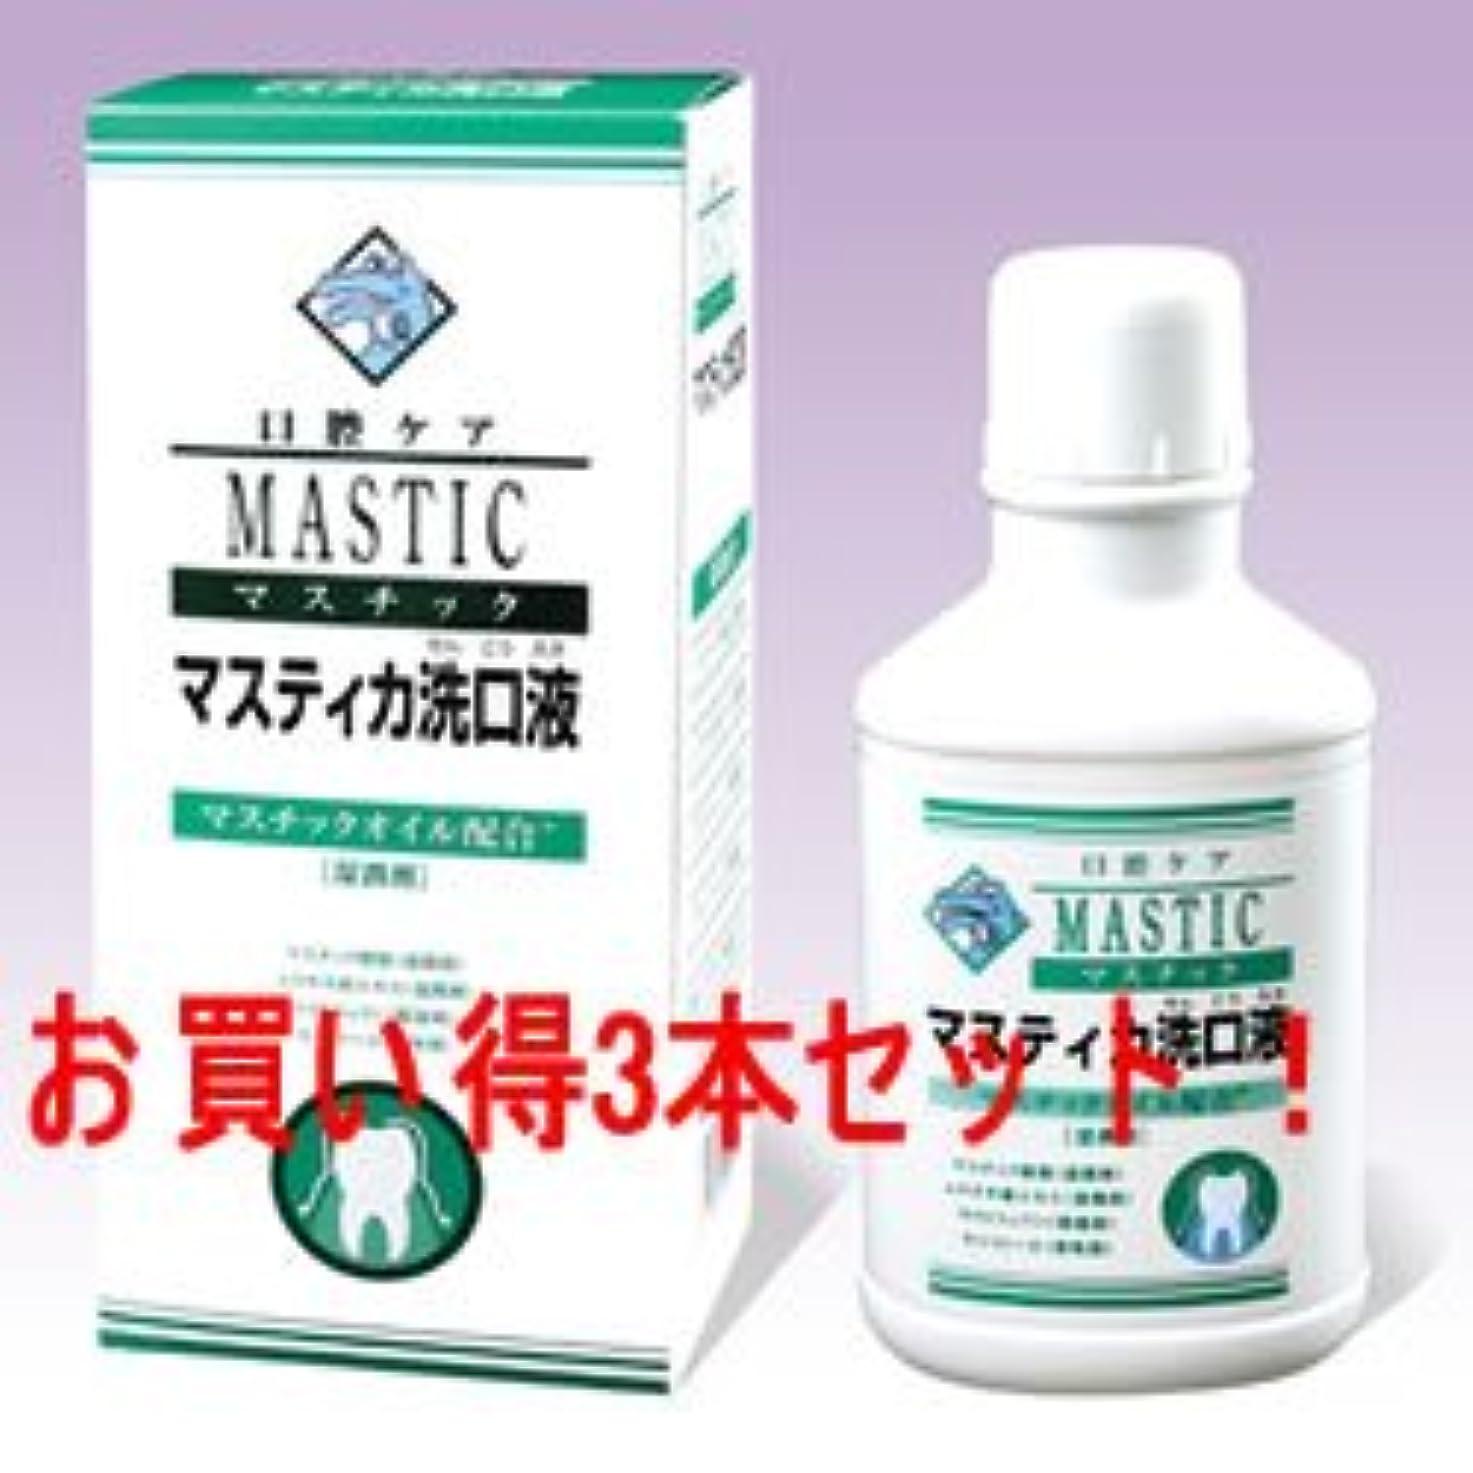 マスチック マスティカ洗口液480ml(3本セット)